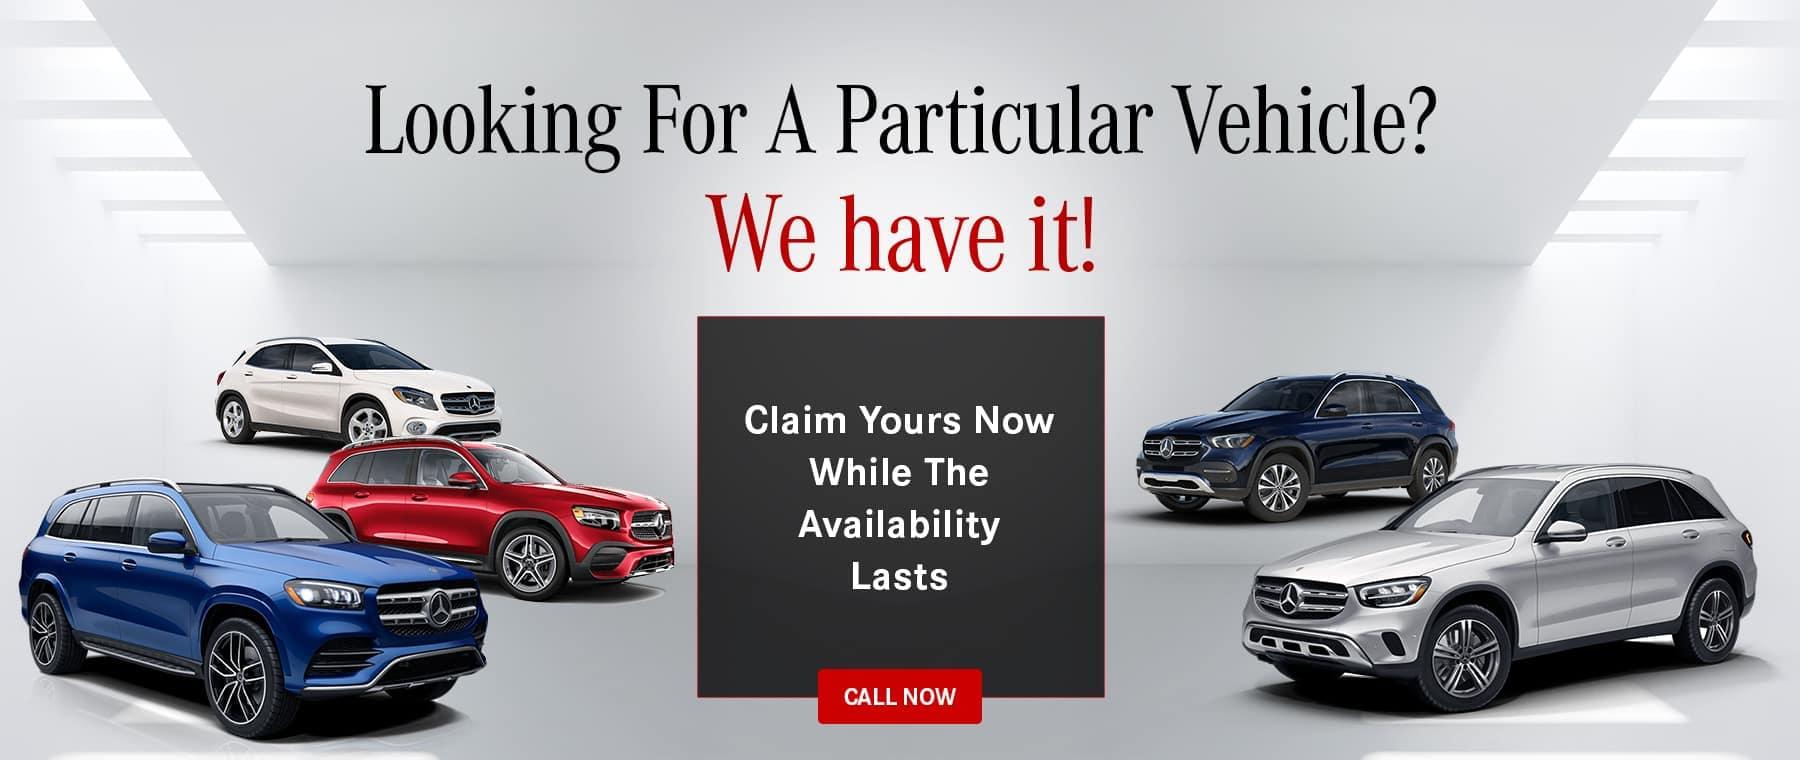 Mercedes-Benz Of Bourbonnais Claim Your Vehicle